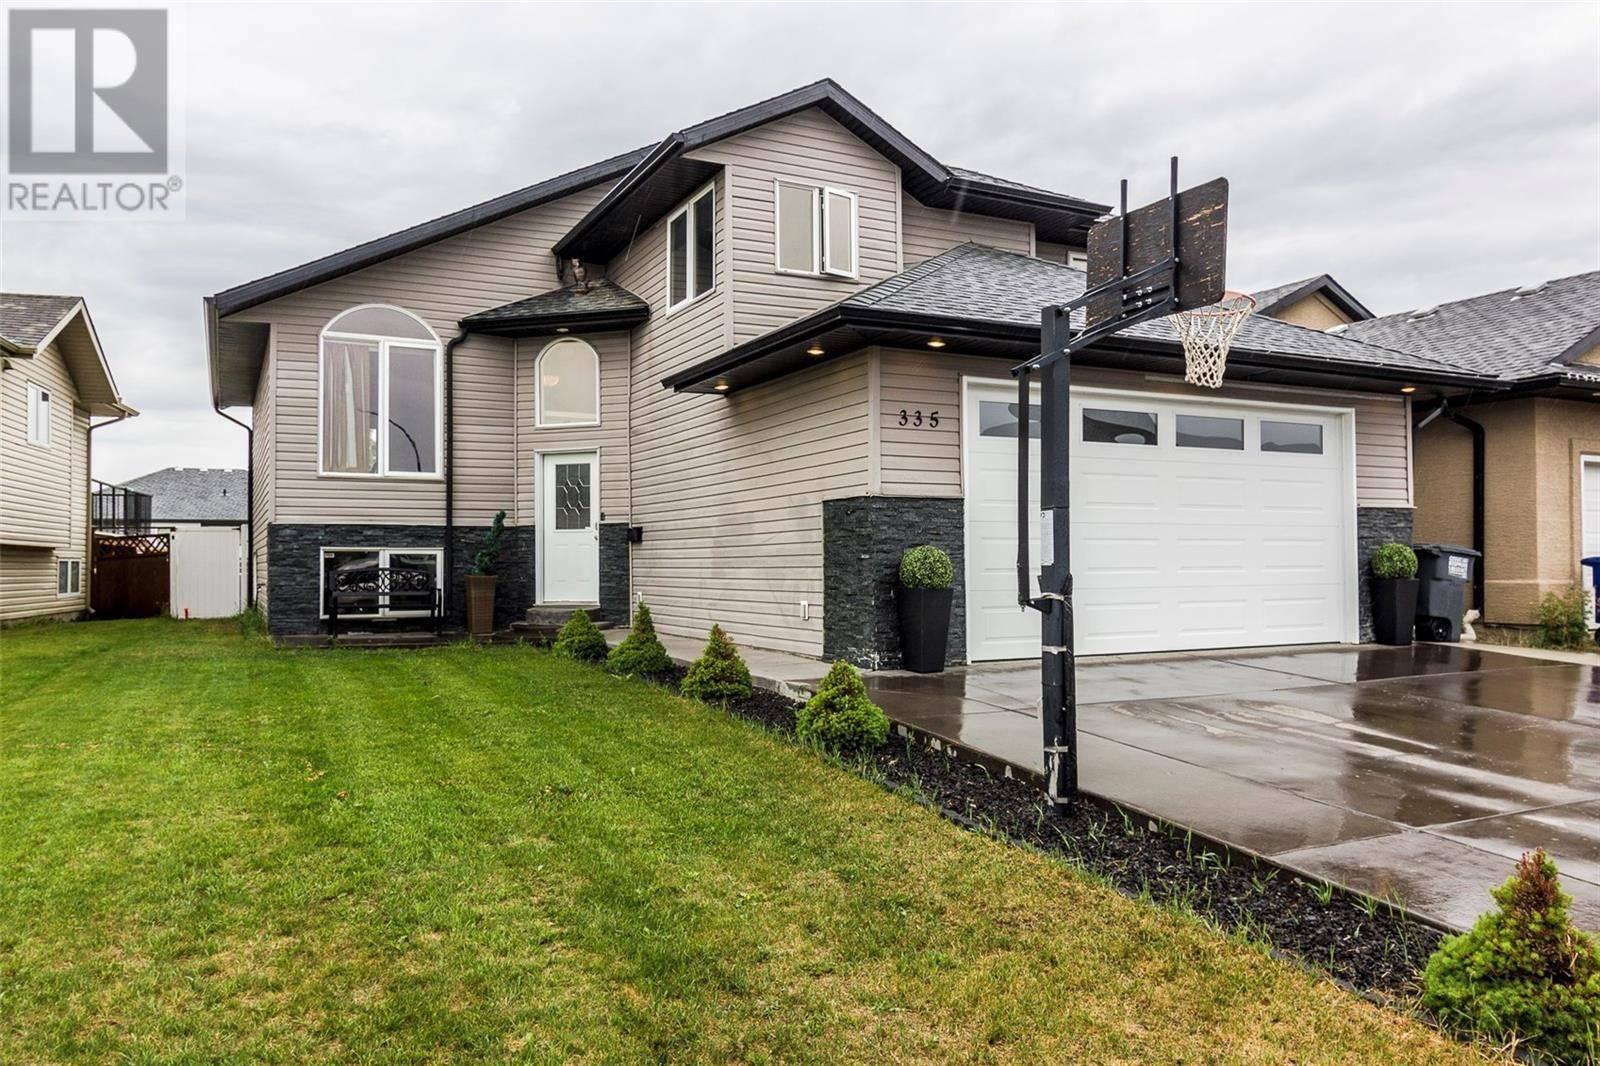 House for sale at 335 Allwood Cres Saskatoon Saskatchewan - MLS: SK777529